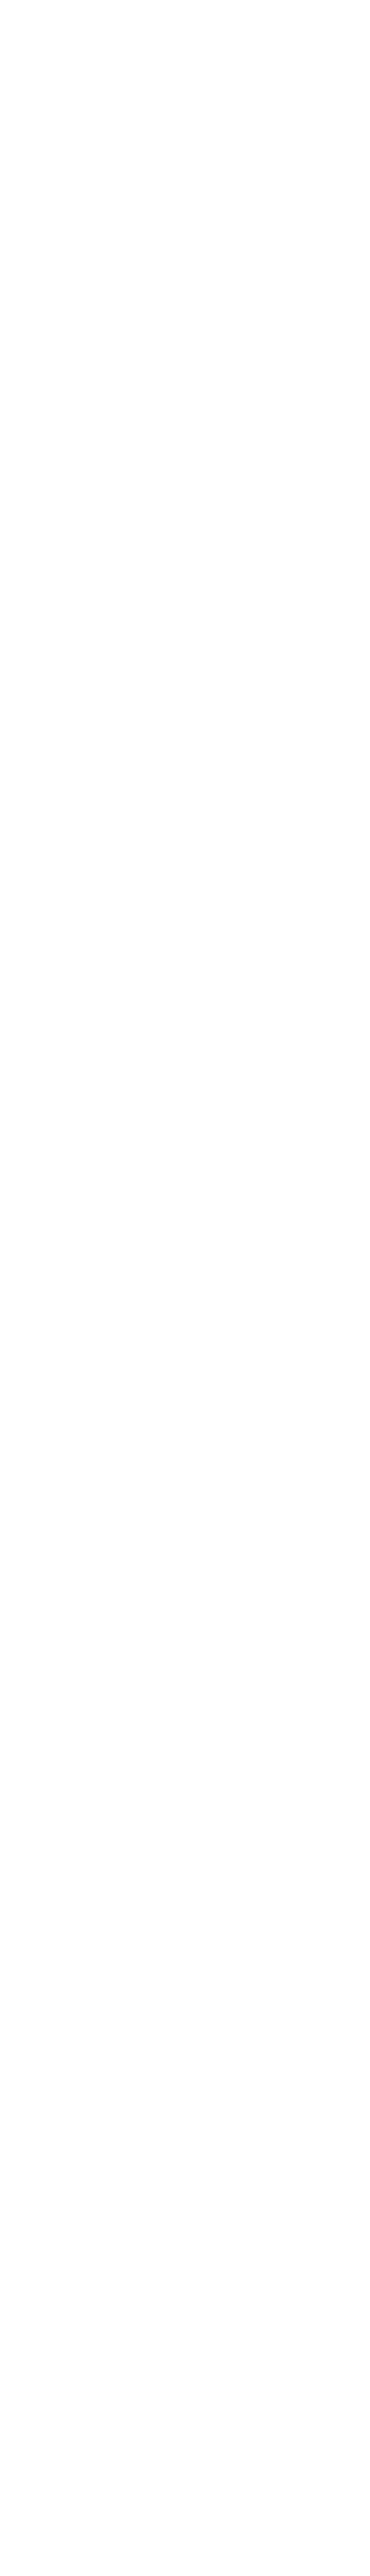 호주 요가복 브랜드 ::락웨어::(호주 수입브랜드, 요가복, 스포츠브라, 헬스복, 운동복)